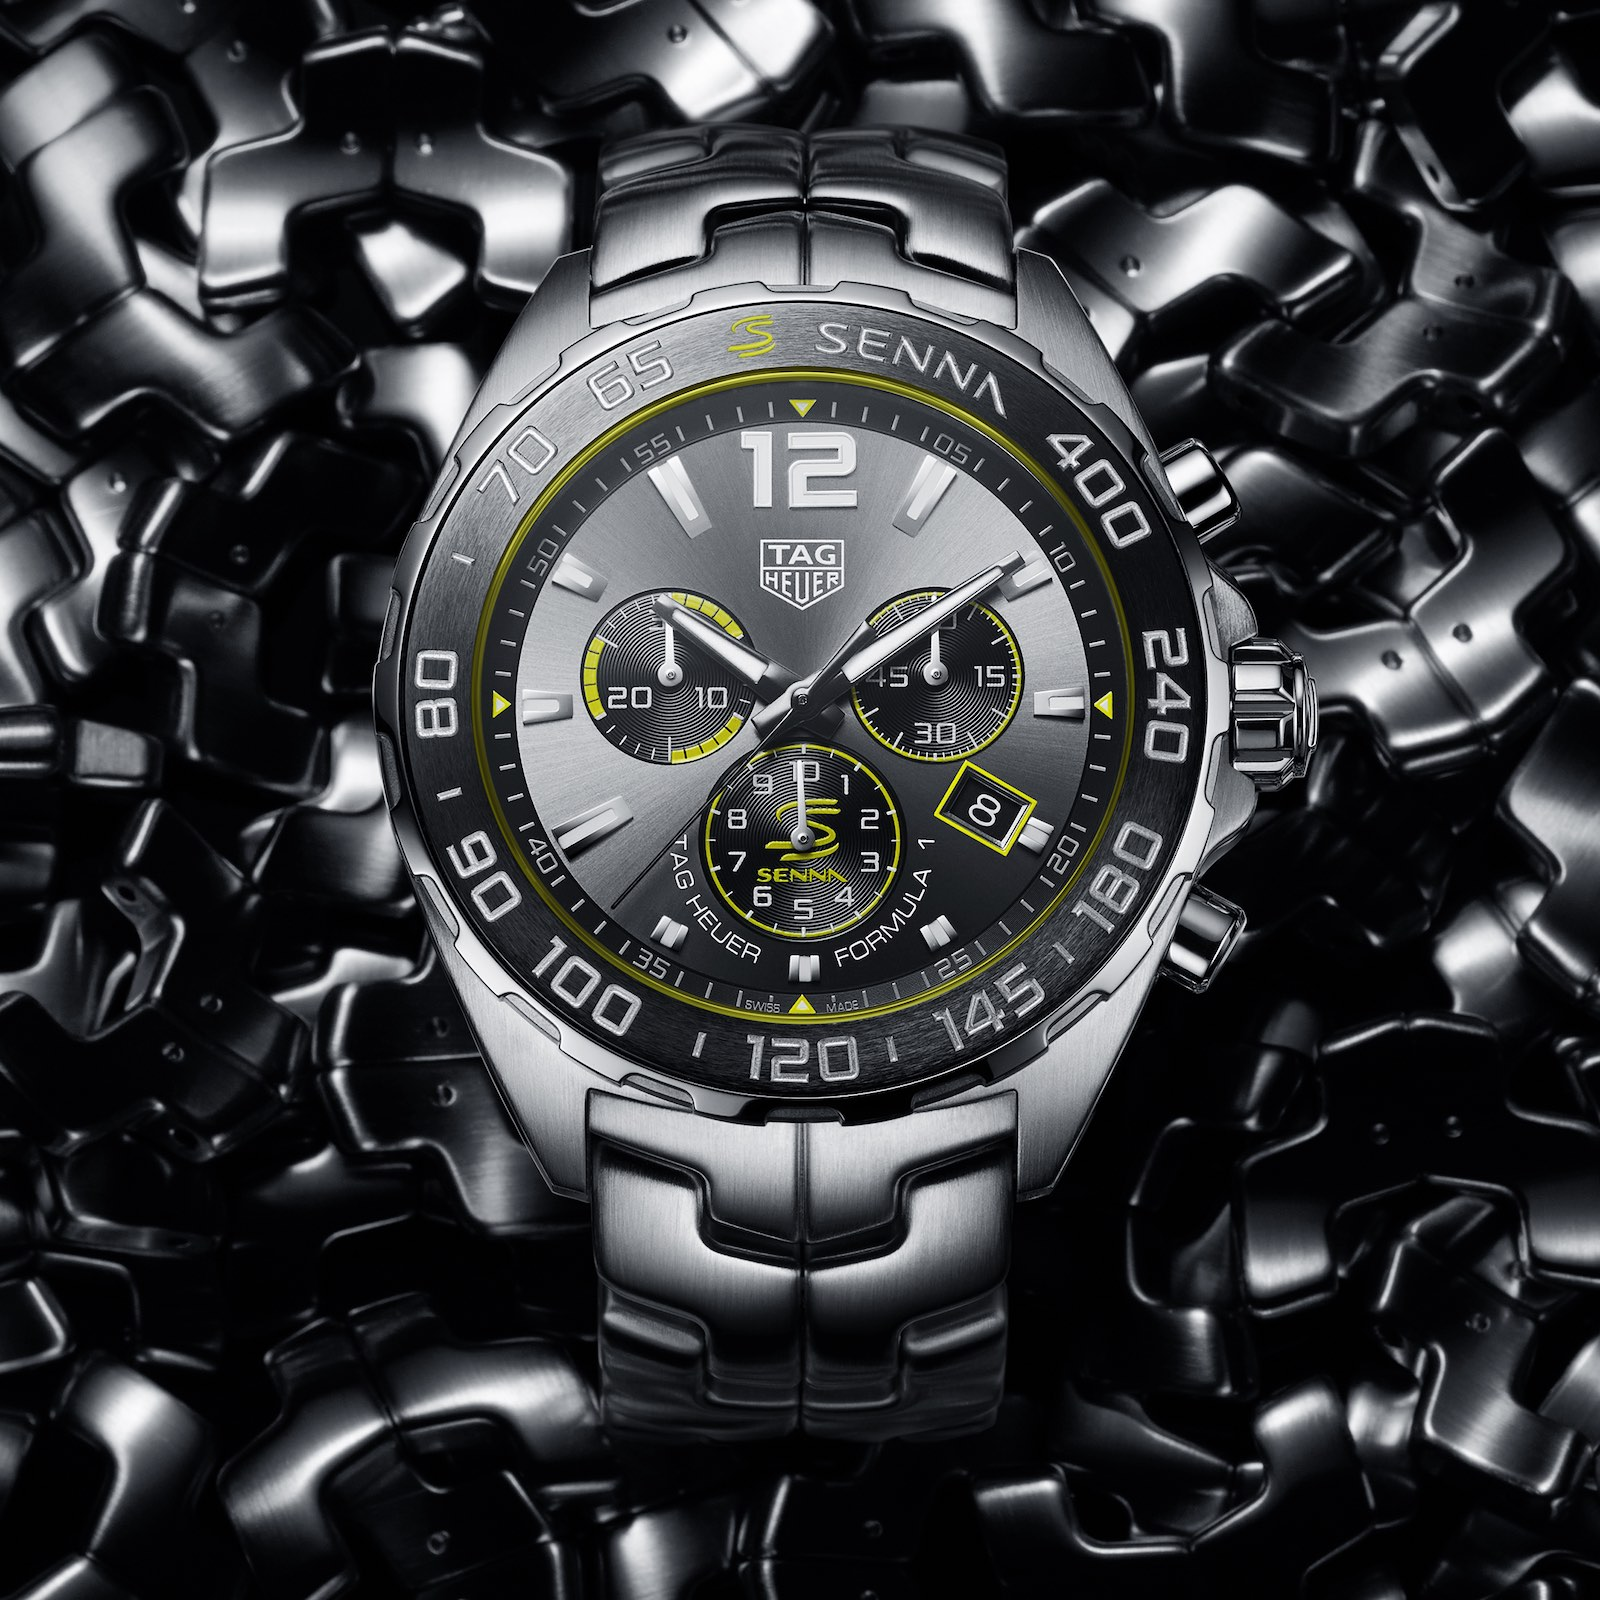 TAG Heuer Formula 1 Senna Special Edition 2020 quartz chronograph 1